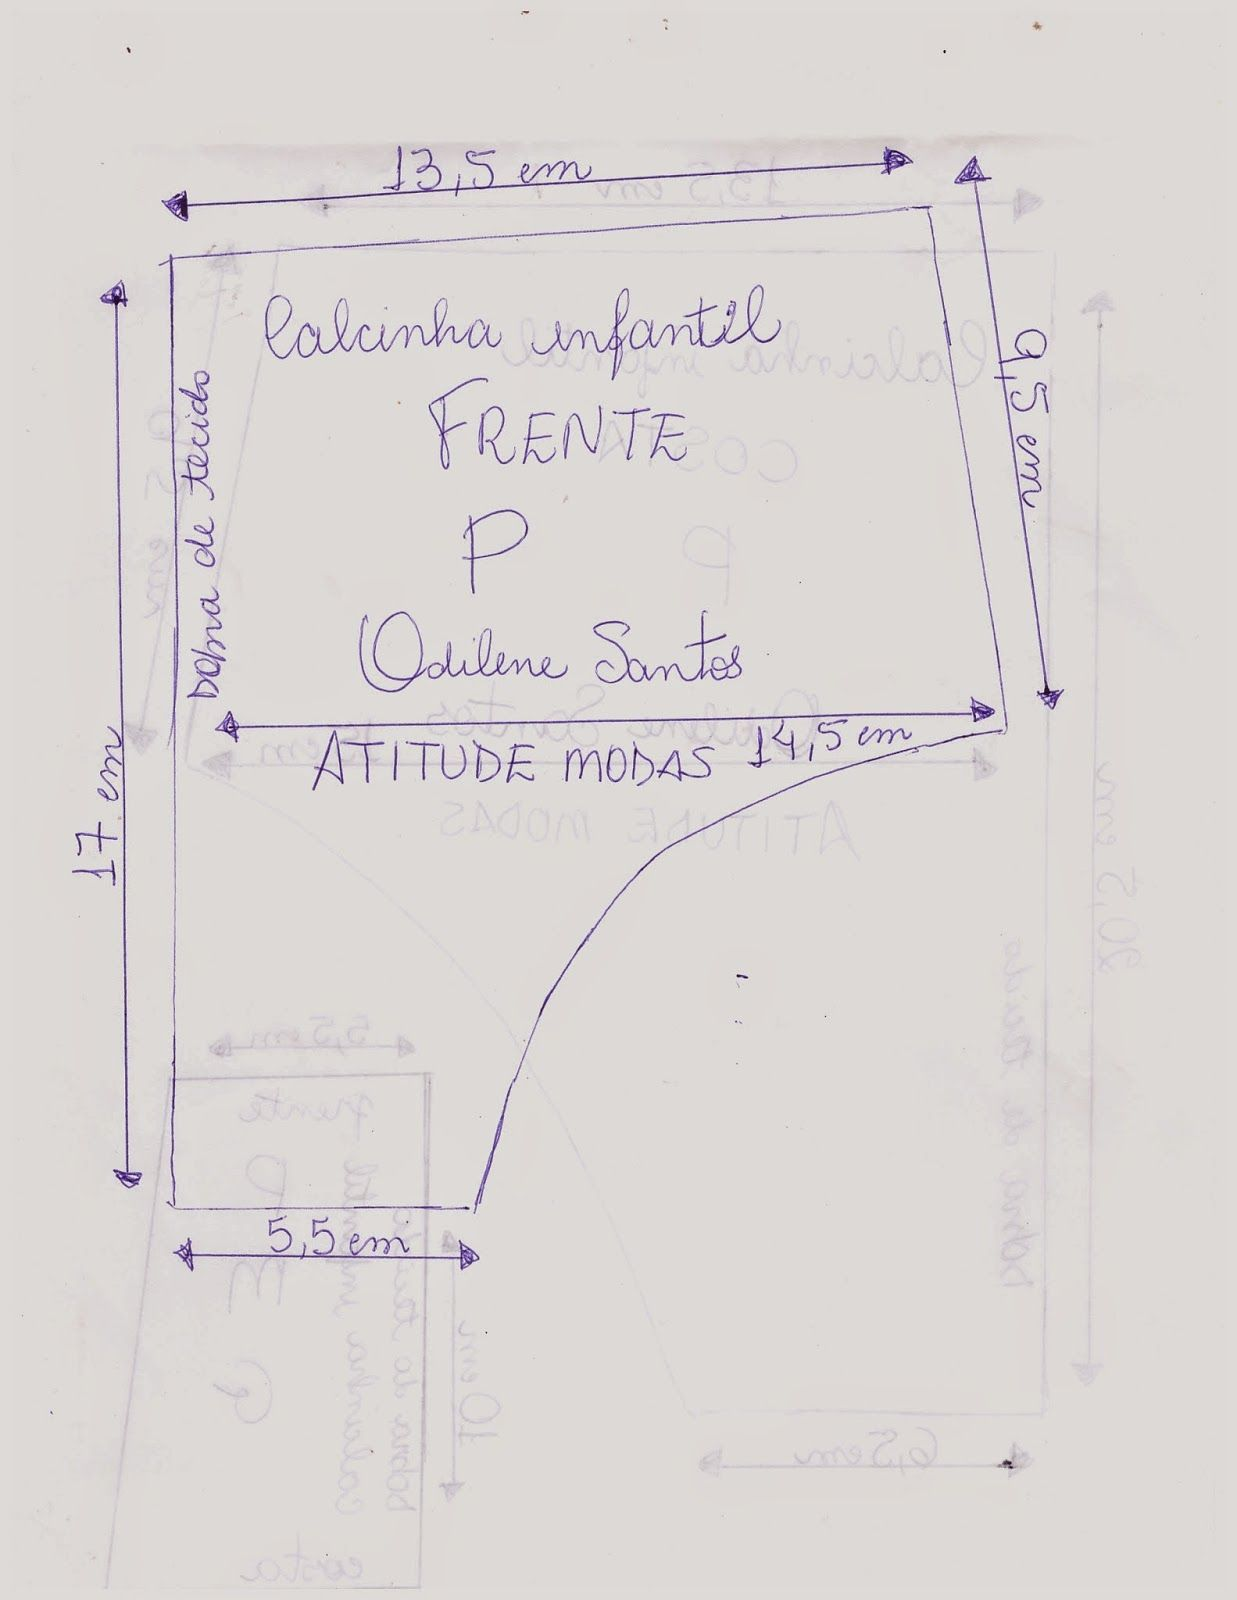 ATITUDE MODAS Odilene Santos: Novos moldes de calcinhas